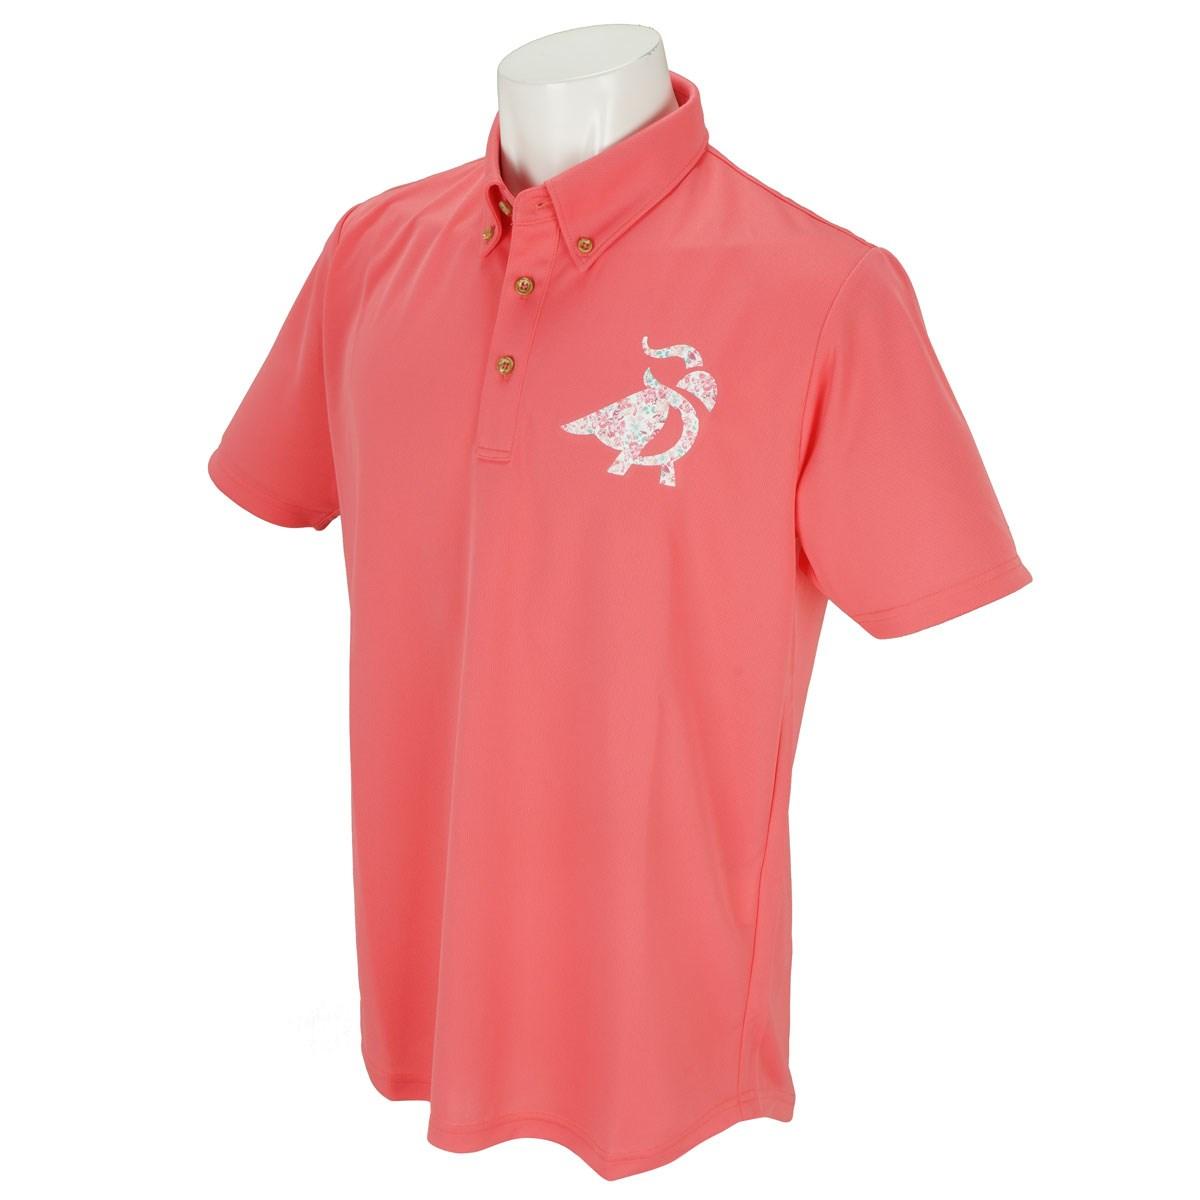 ブリヂストン PARADISO GDO限定 半袖ポロシャツ M ピンク